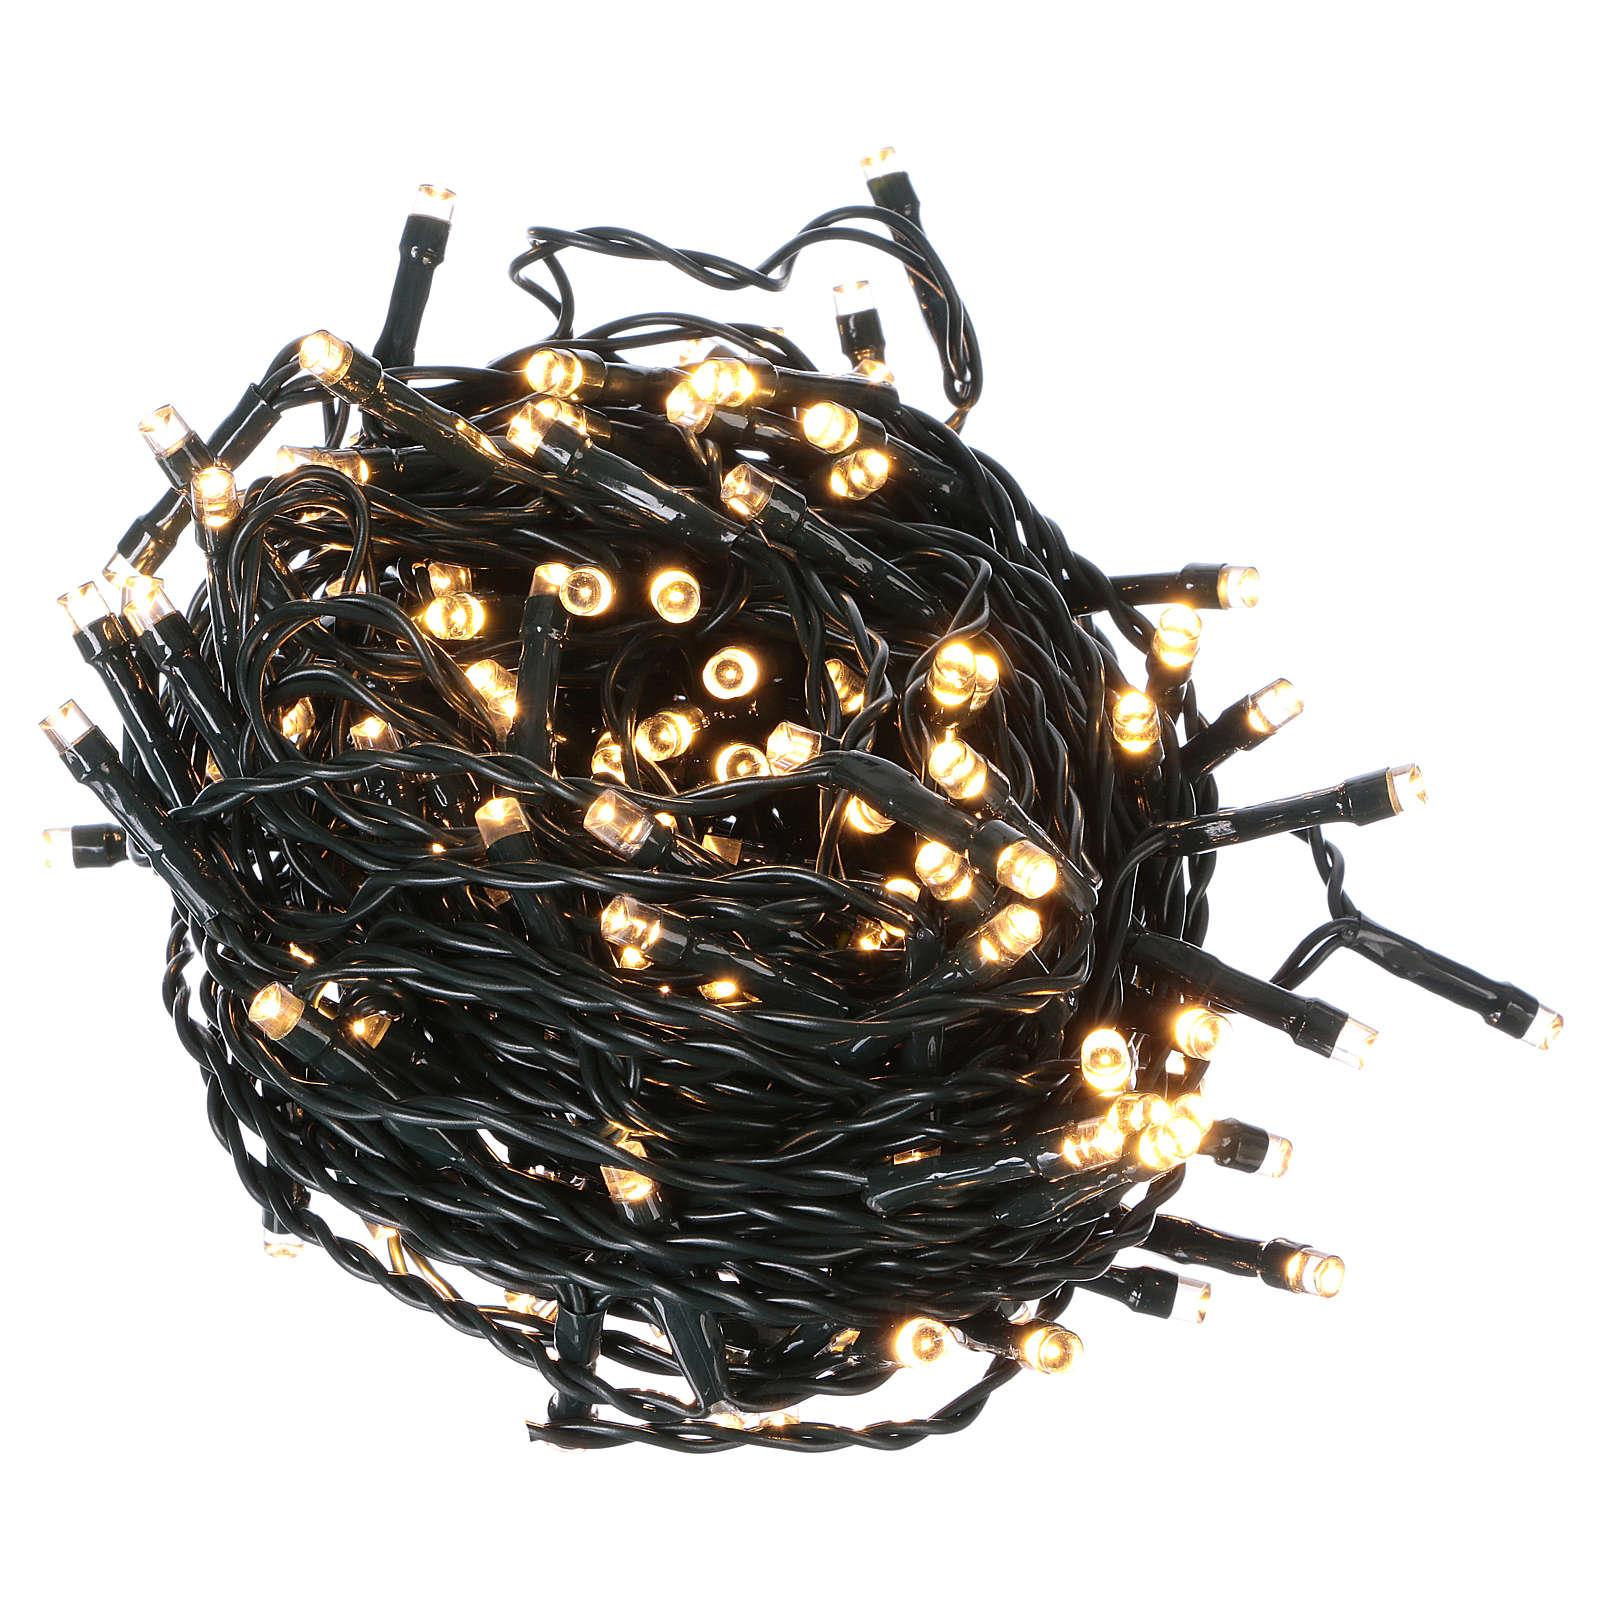 Luce di Natale catena 160 led bianchi caldi esterni batterie 16 m 3